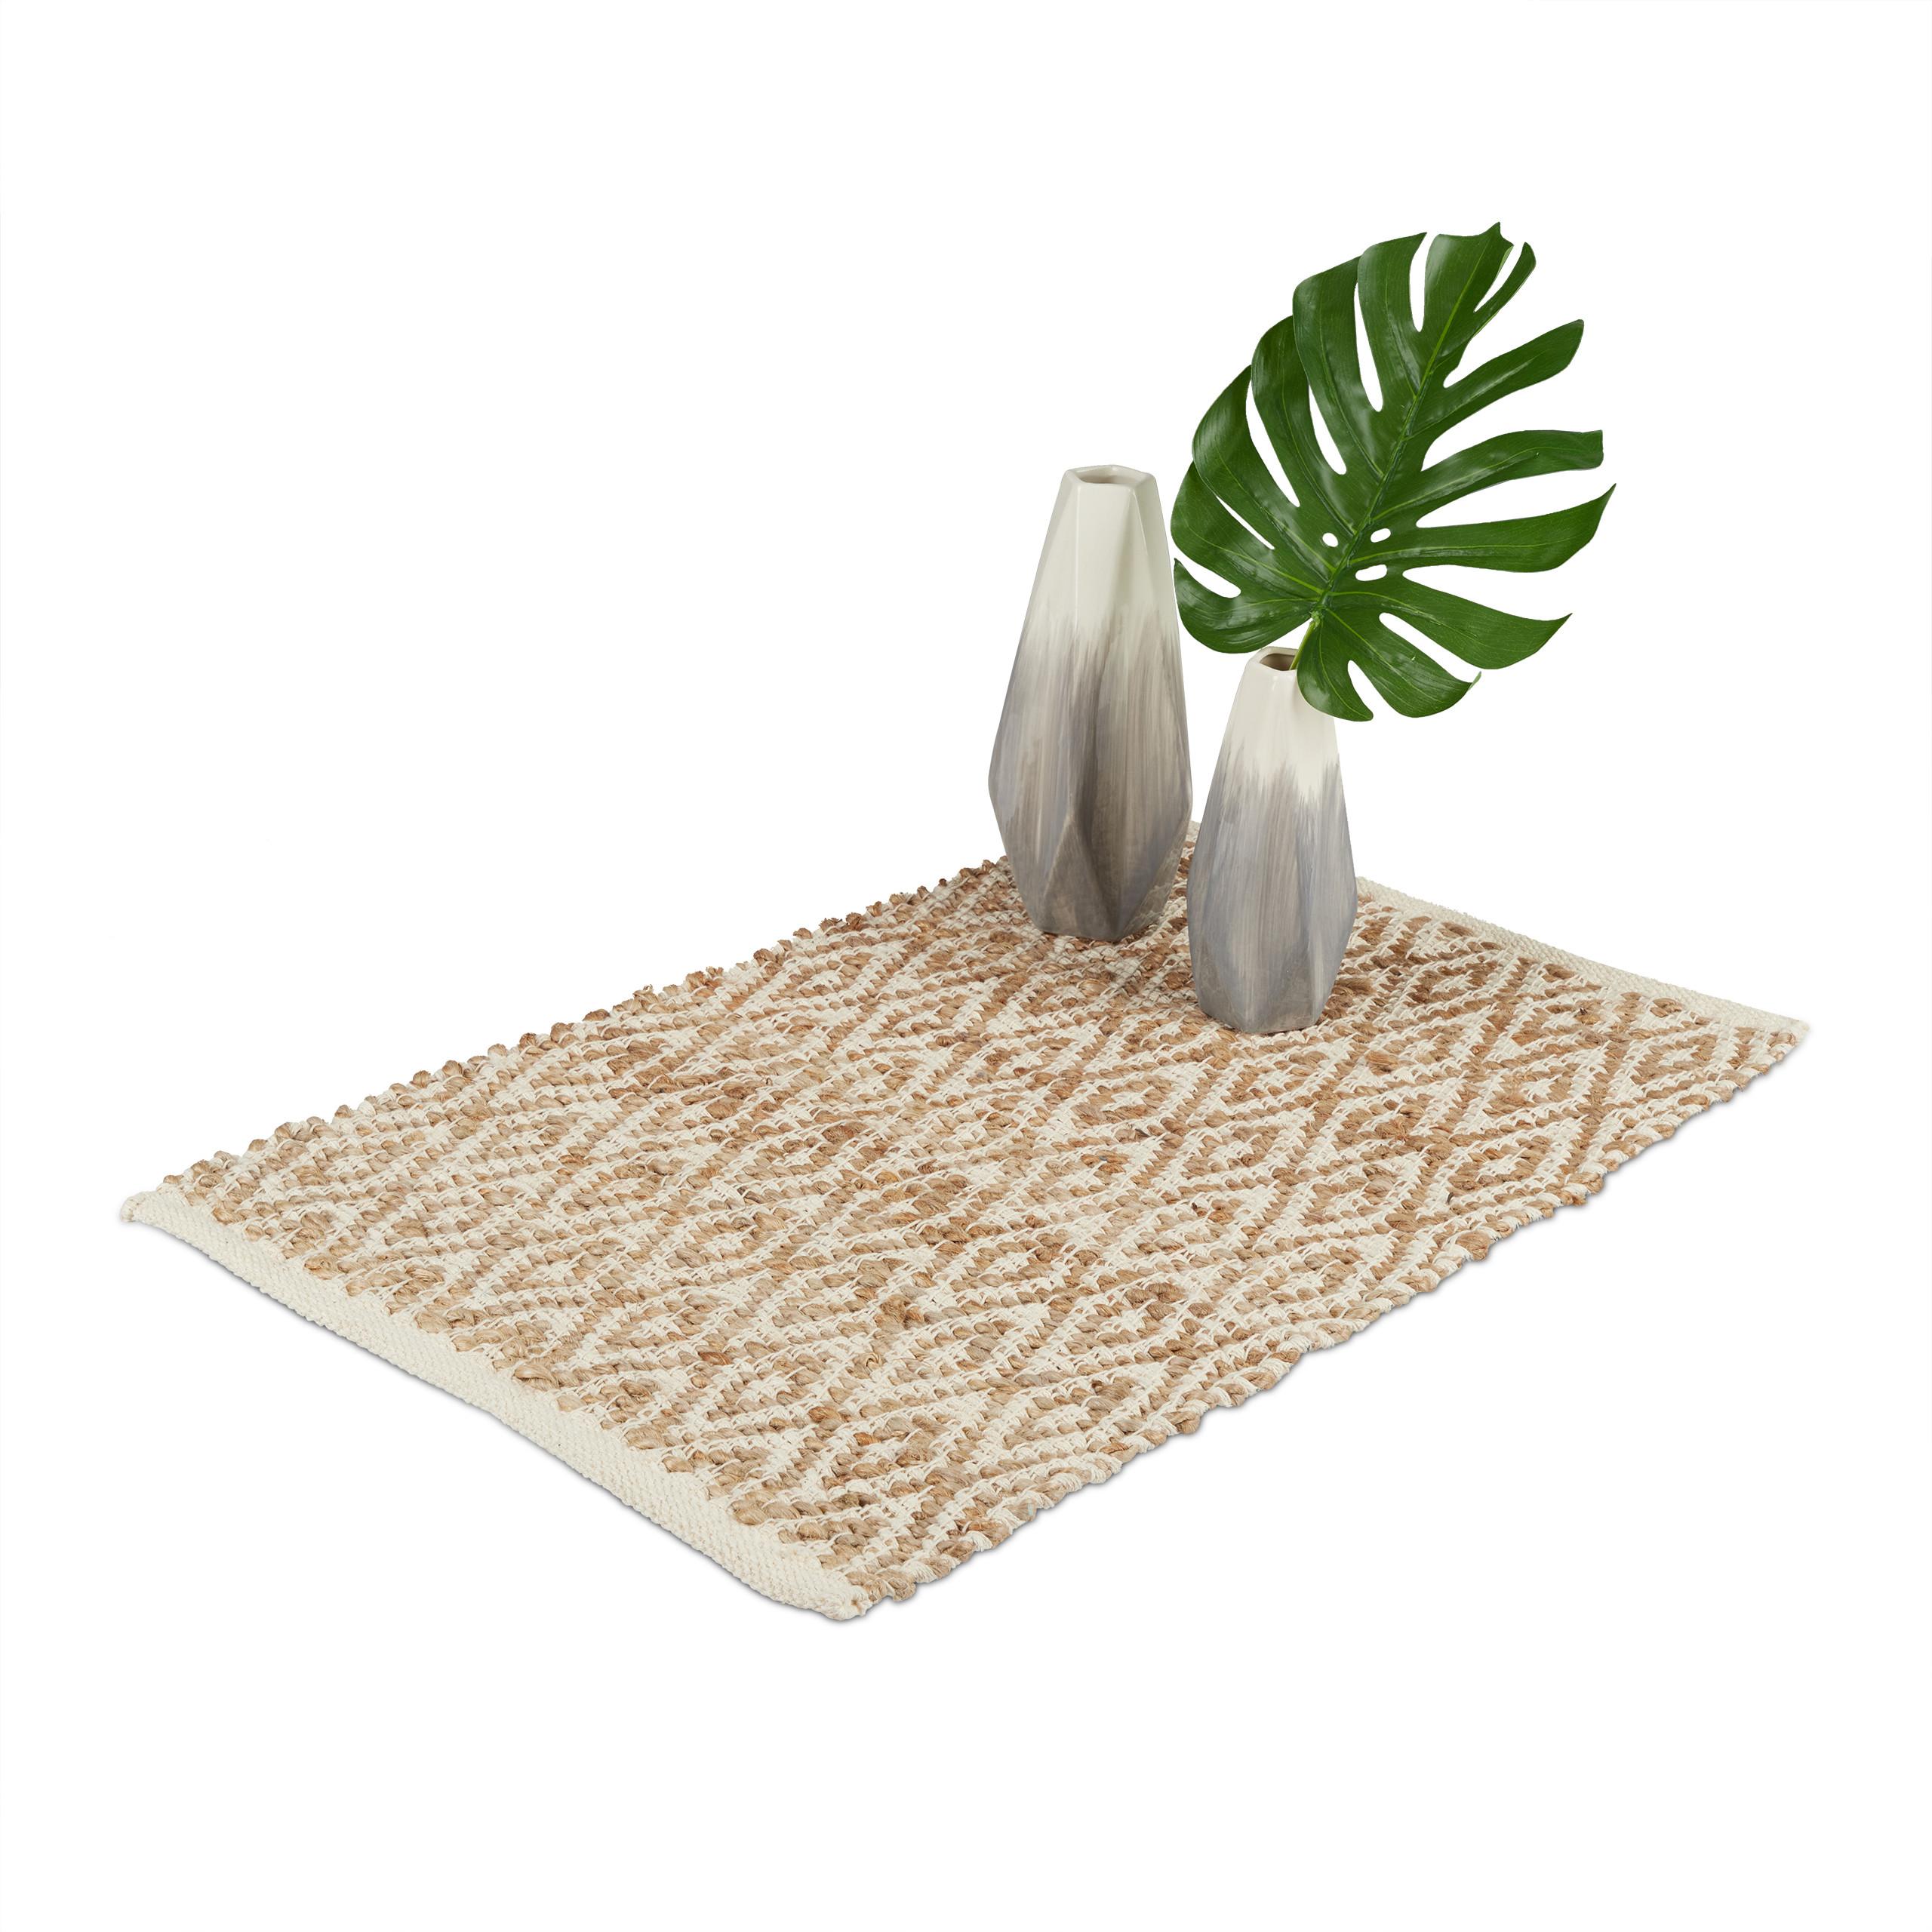 Teppich-Jute-Teppichlaeufer-Natur-Faser-braun-Handarbeit-Flur-Laeufer-gewebt